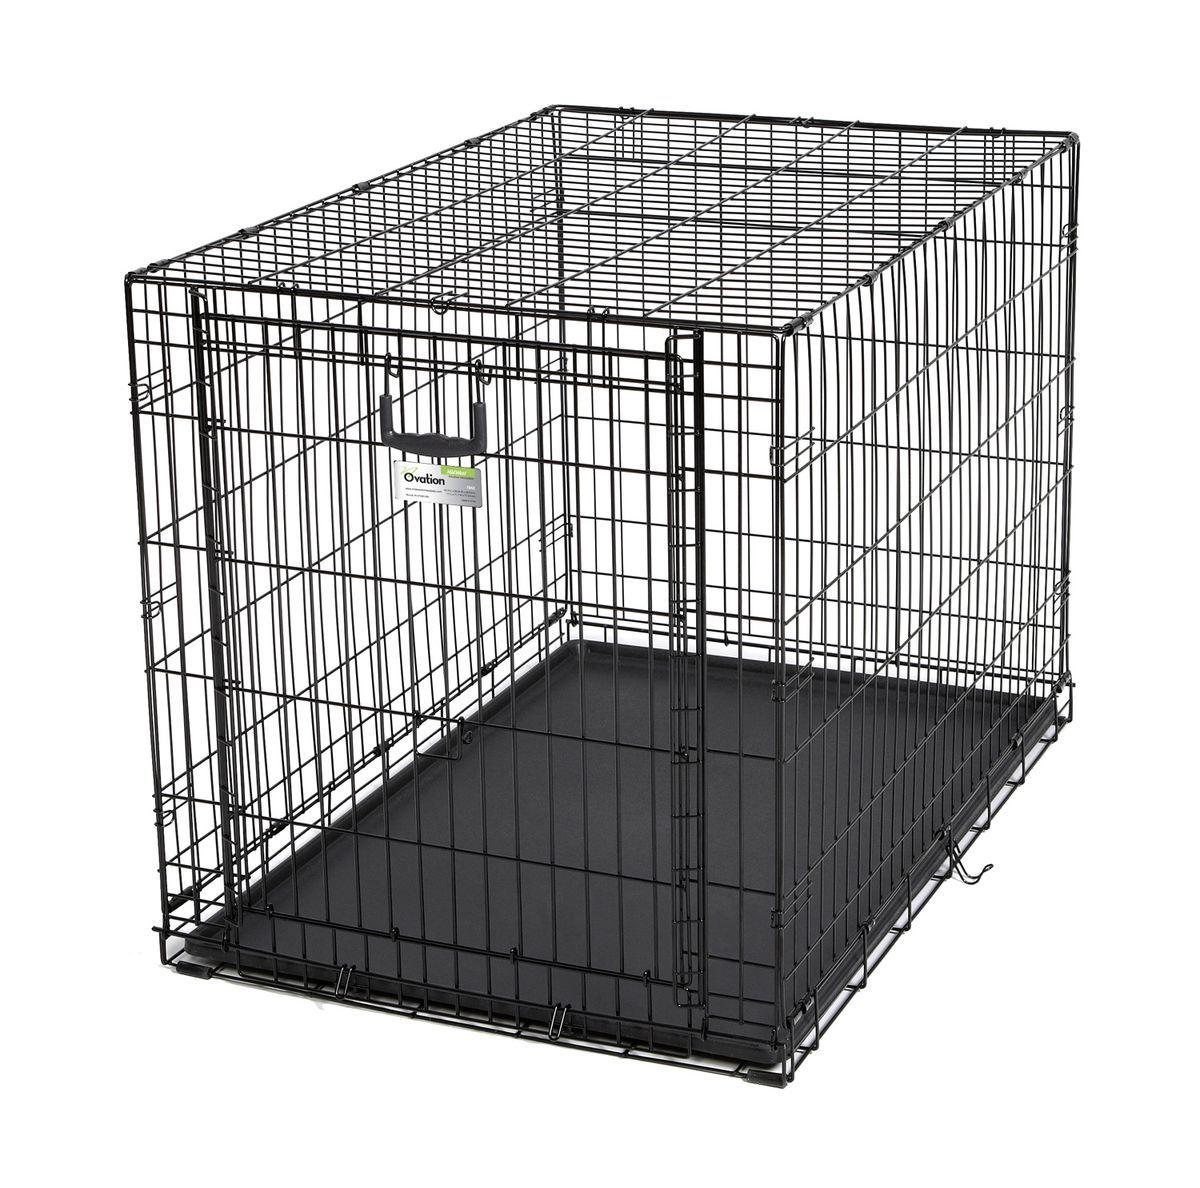 Клетка Midwest Ovation, 1 дверь рельсовая, 111 x 71,7 x 76,8 см16147Клетка Midwest Ovation разработана специально для транспортировки средних и крупных собак. Закругленная угловая защита обеспечивает безопасность питомцам и людям. Клетка из нержавеющей стали оснащена: - одной рельсовой дверкой (открывается вверх); - безопасным двойным замком (задвижка закрывает и снаружи и внутри); - прочным пластиковым поддоном, который не повреждает поверхность, на которой размещается; - разделяющей панелью, обеспечивающей создание универсальных отсеков; - качественными ручками для переноски питомца.Размер клетки (ДхШхВ): 111 x 71,7 x 76,8 см. Вес конструкции: 15,8 кг.Товар сертифицирован.